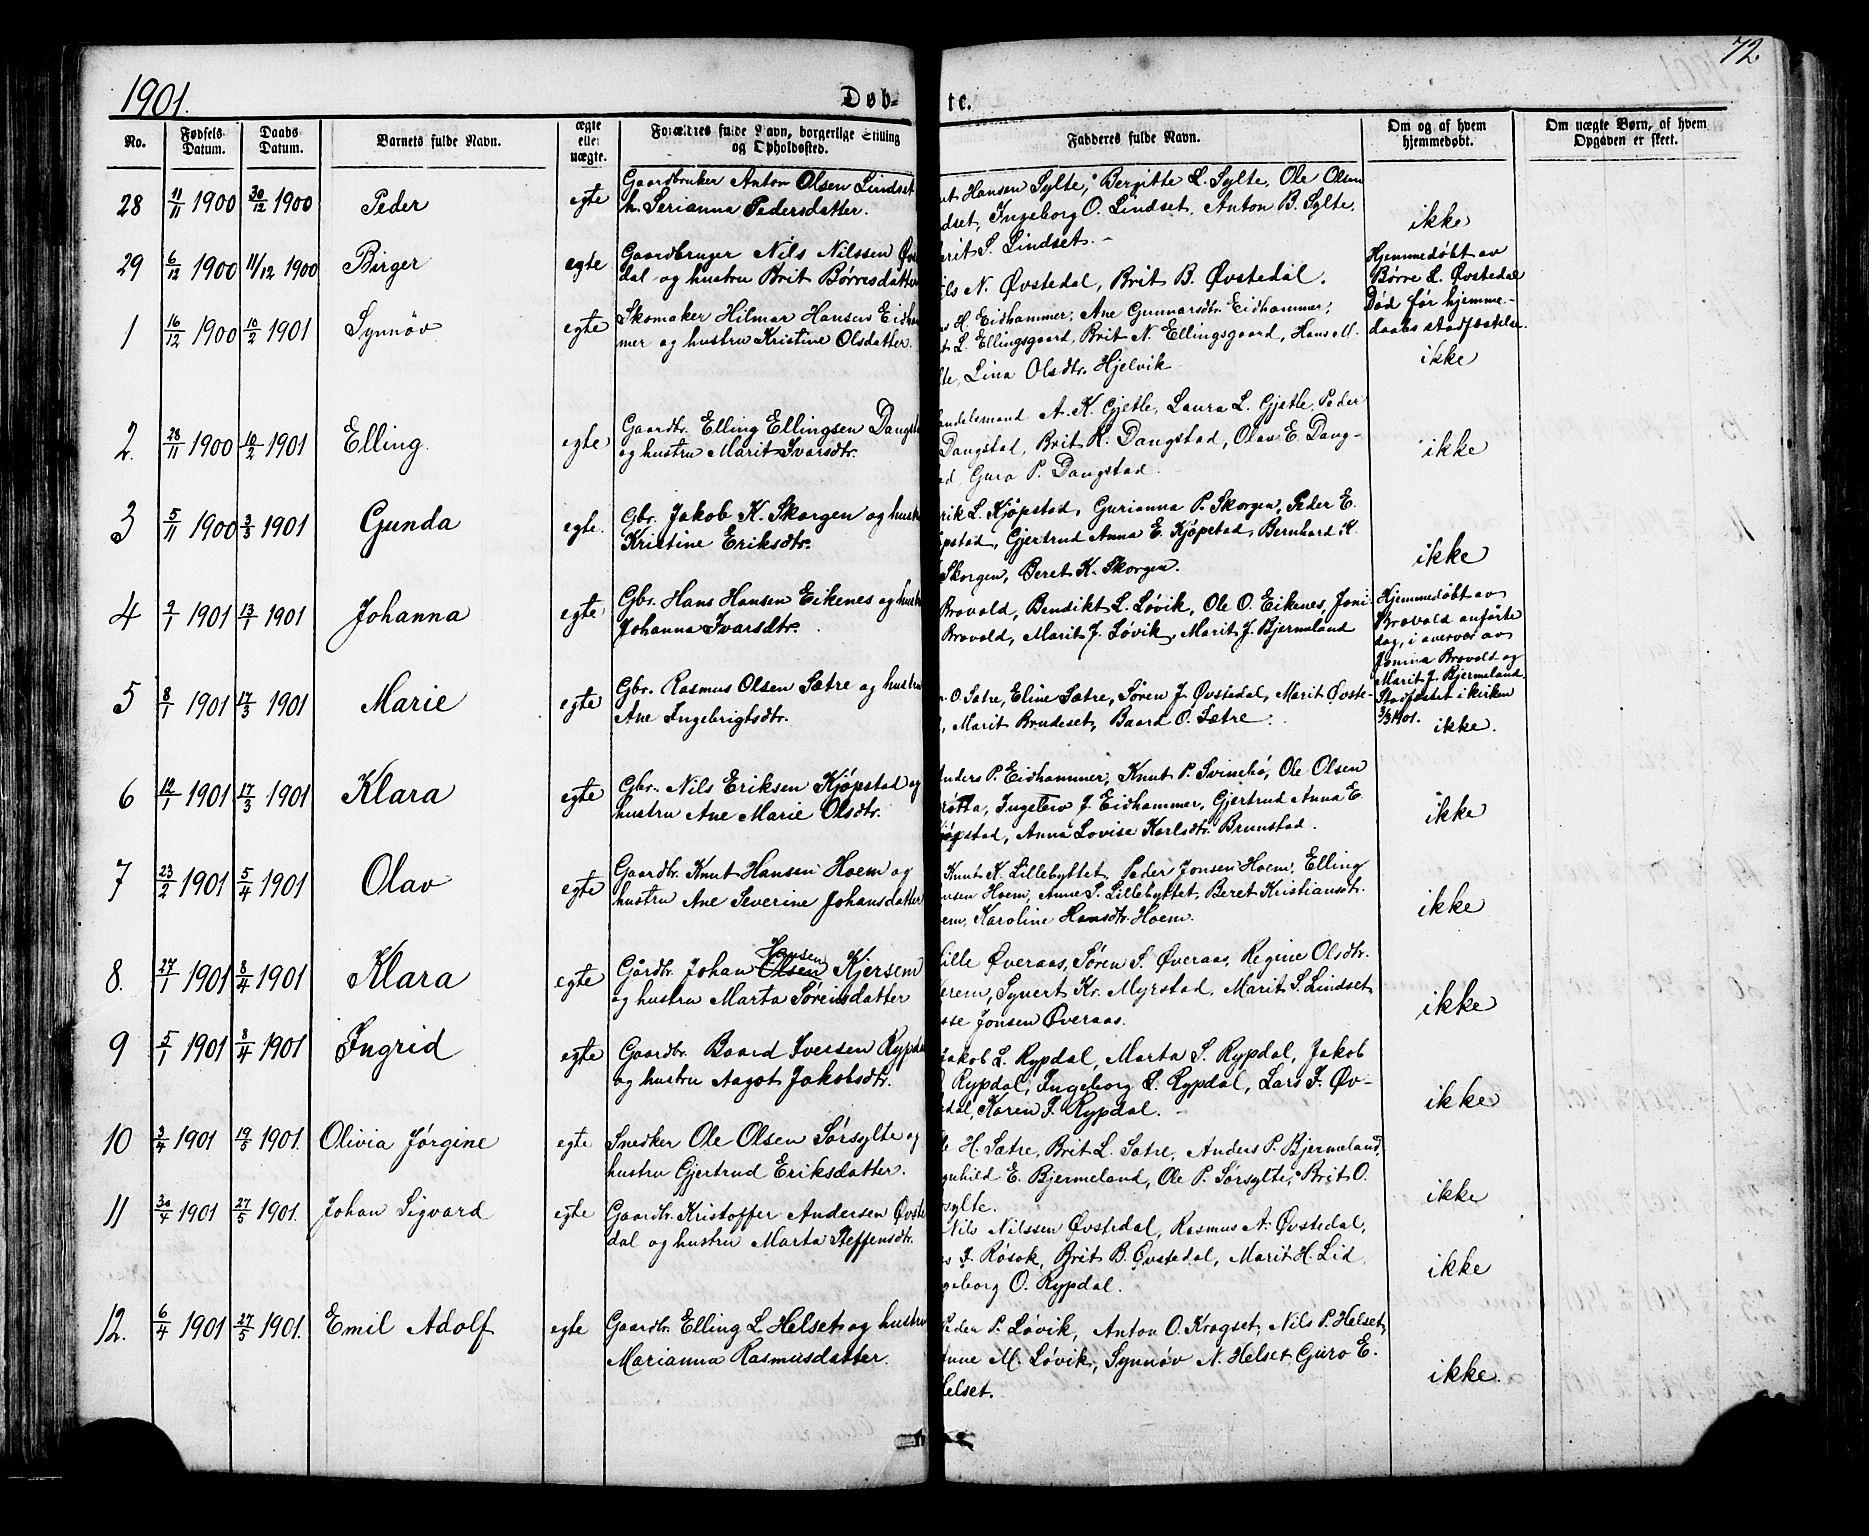 SAT, Ministerialprotokoller, klokkerbøker og fødselsregistre - Møre og Romsdal, 541/L0547: Klokkerbok nr. 541C02, 1867-1921, s. 72